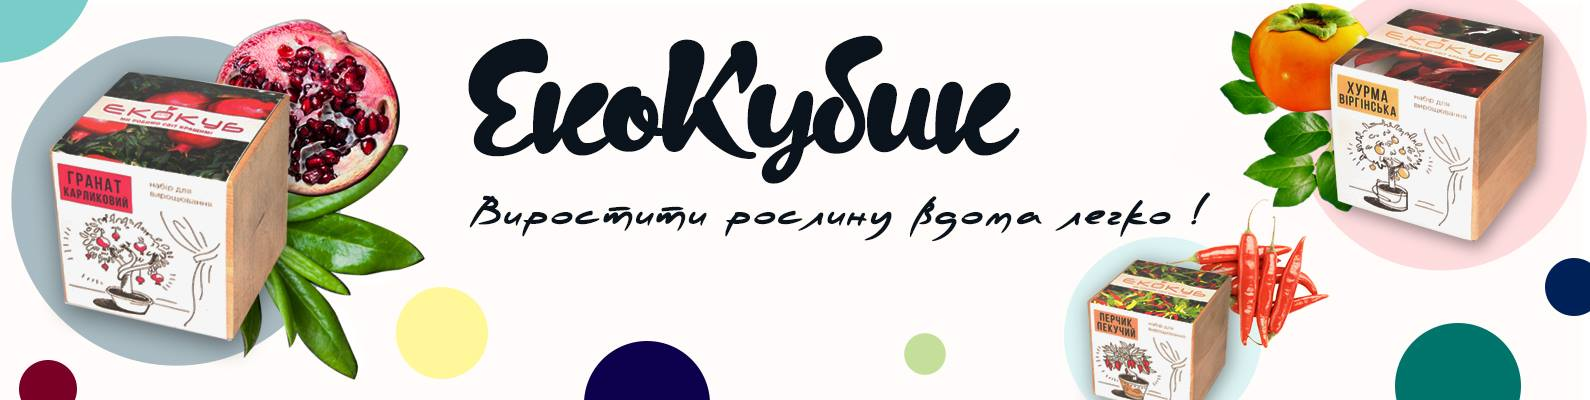 ekokubik